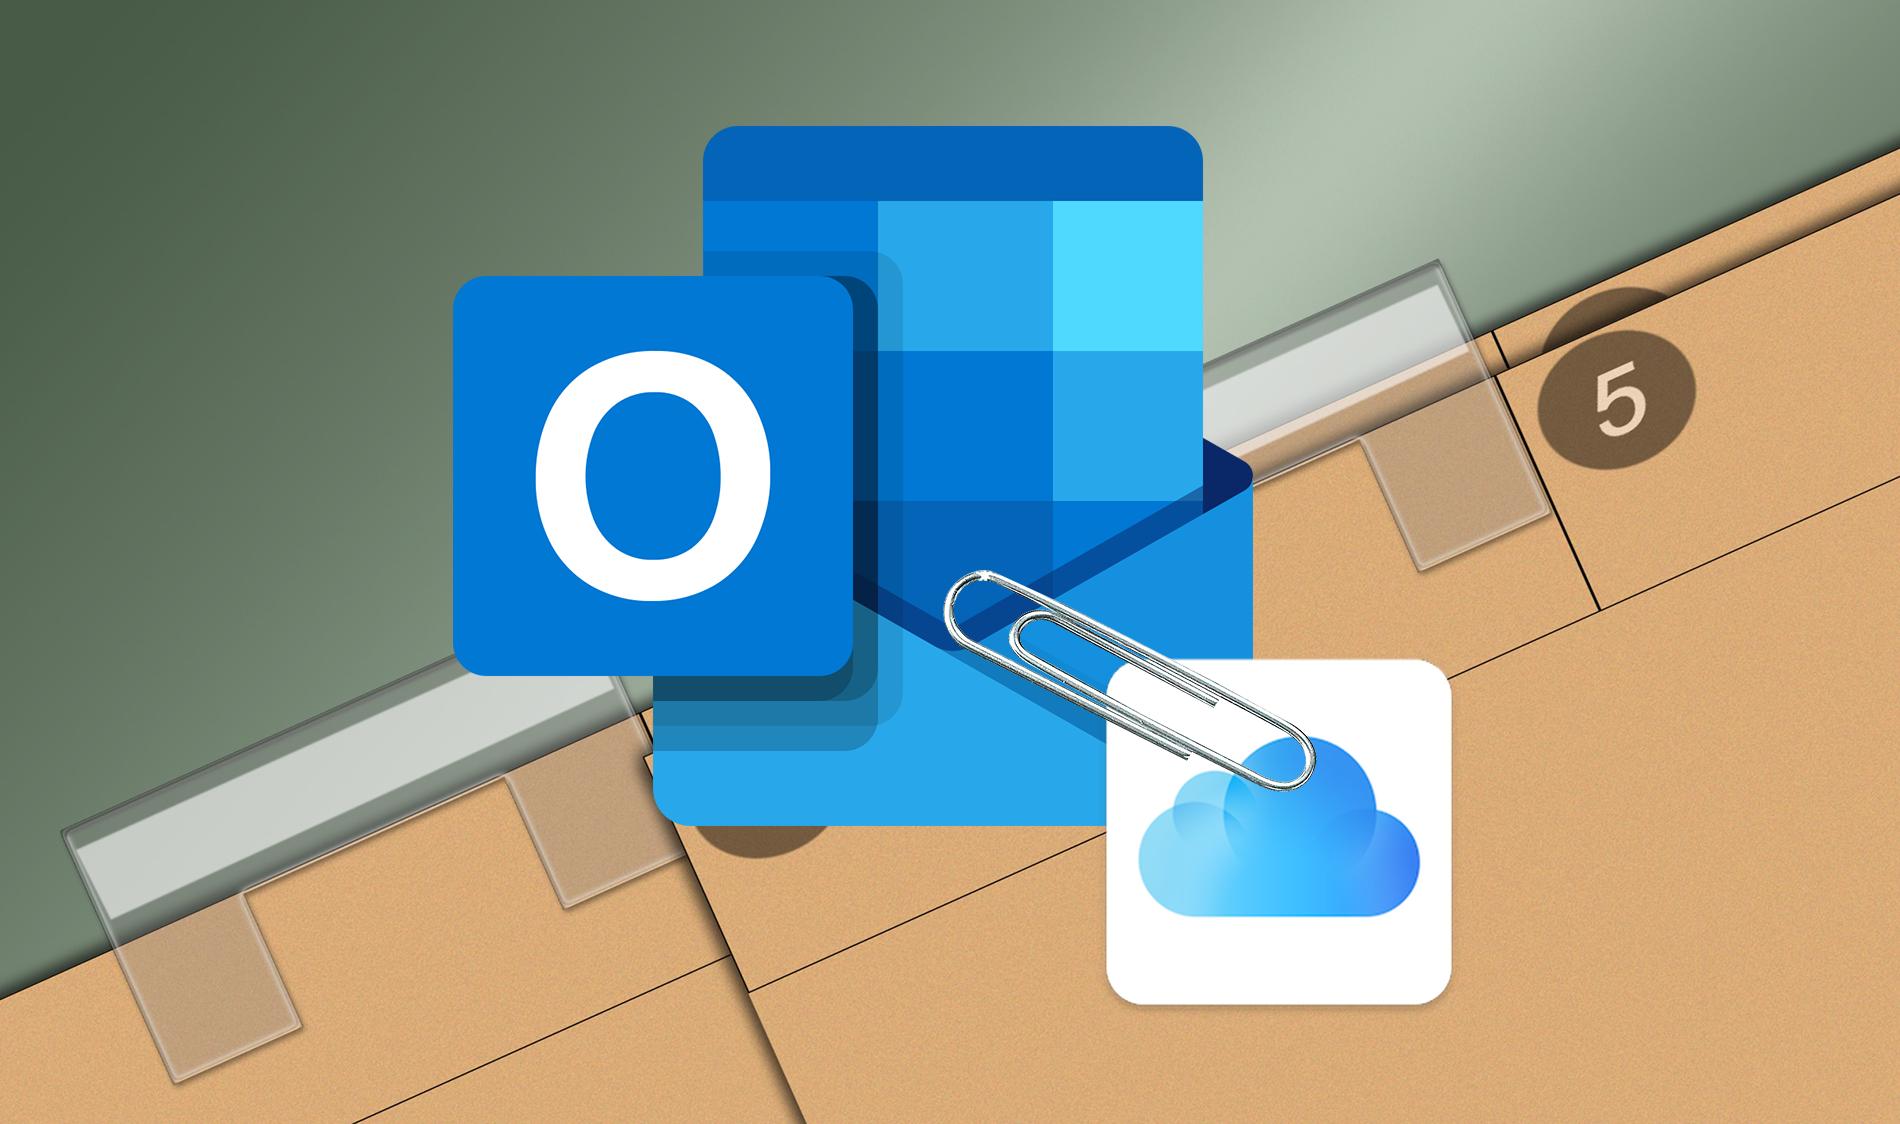 Как прикрепить файлы iCloud Drive в Outlook для iOS